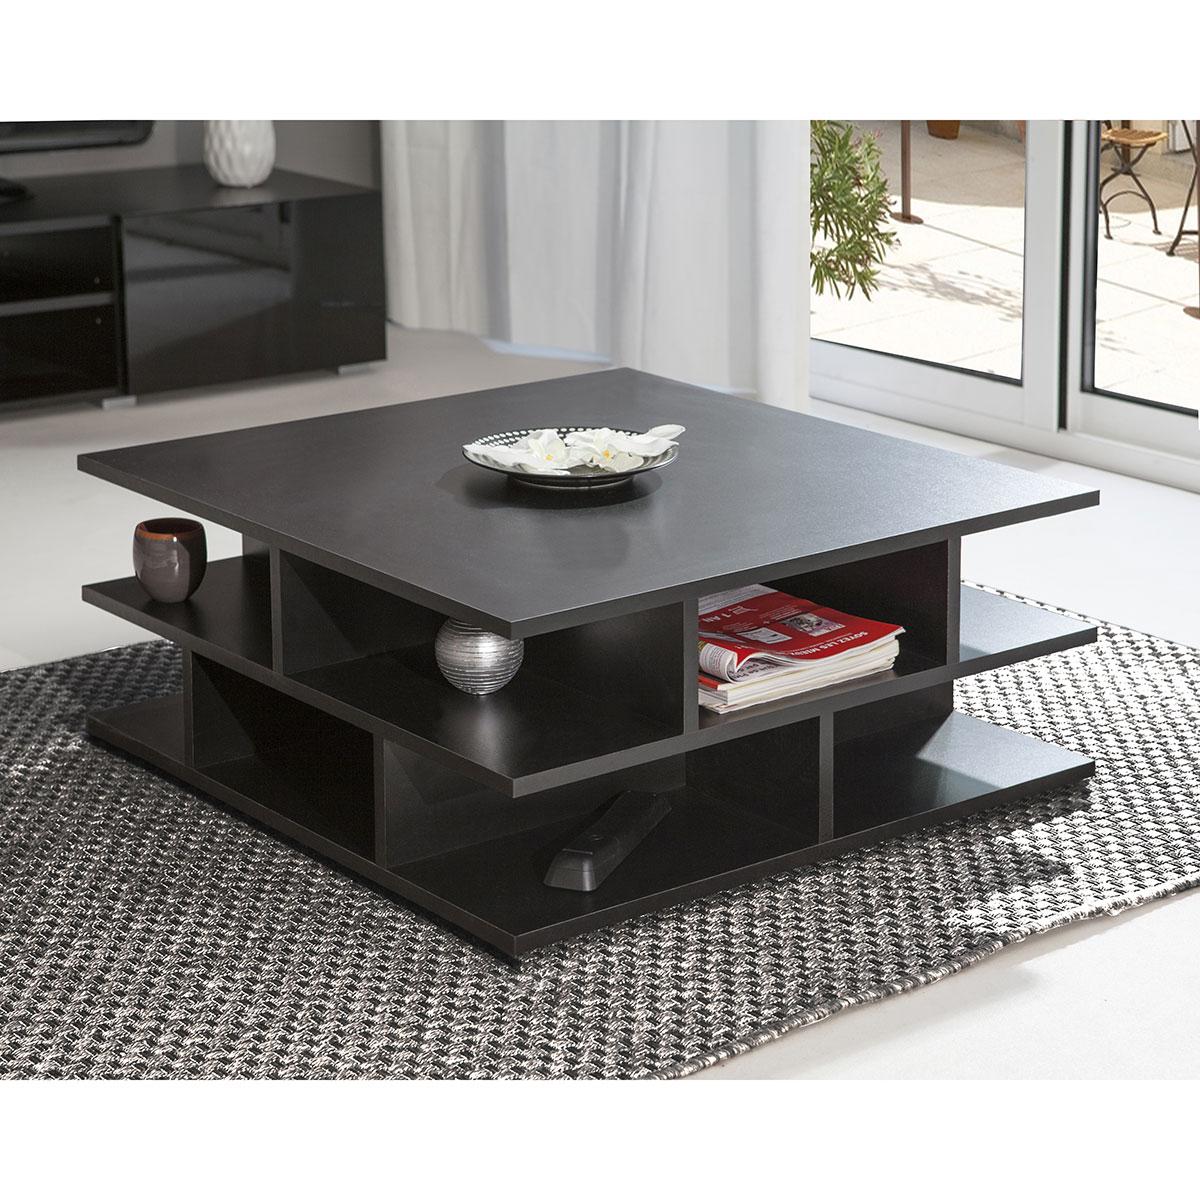 Table basse gigogne suisse mobilier design d coration d for Mobilier en suisse